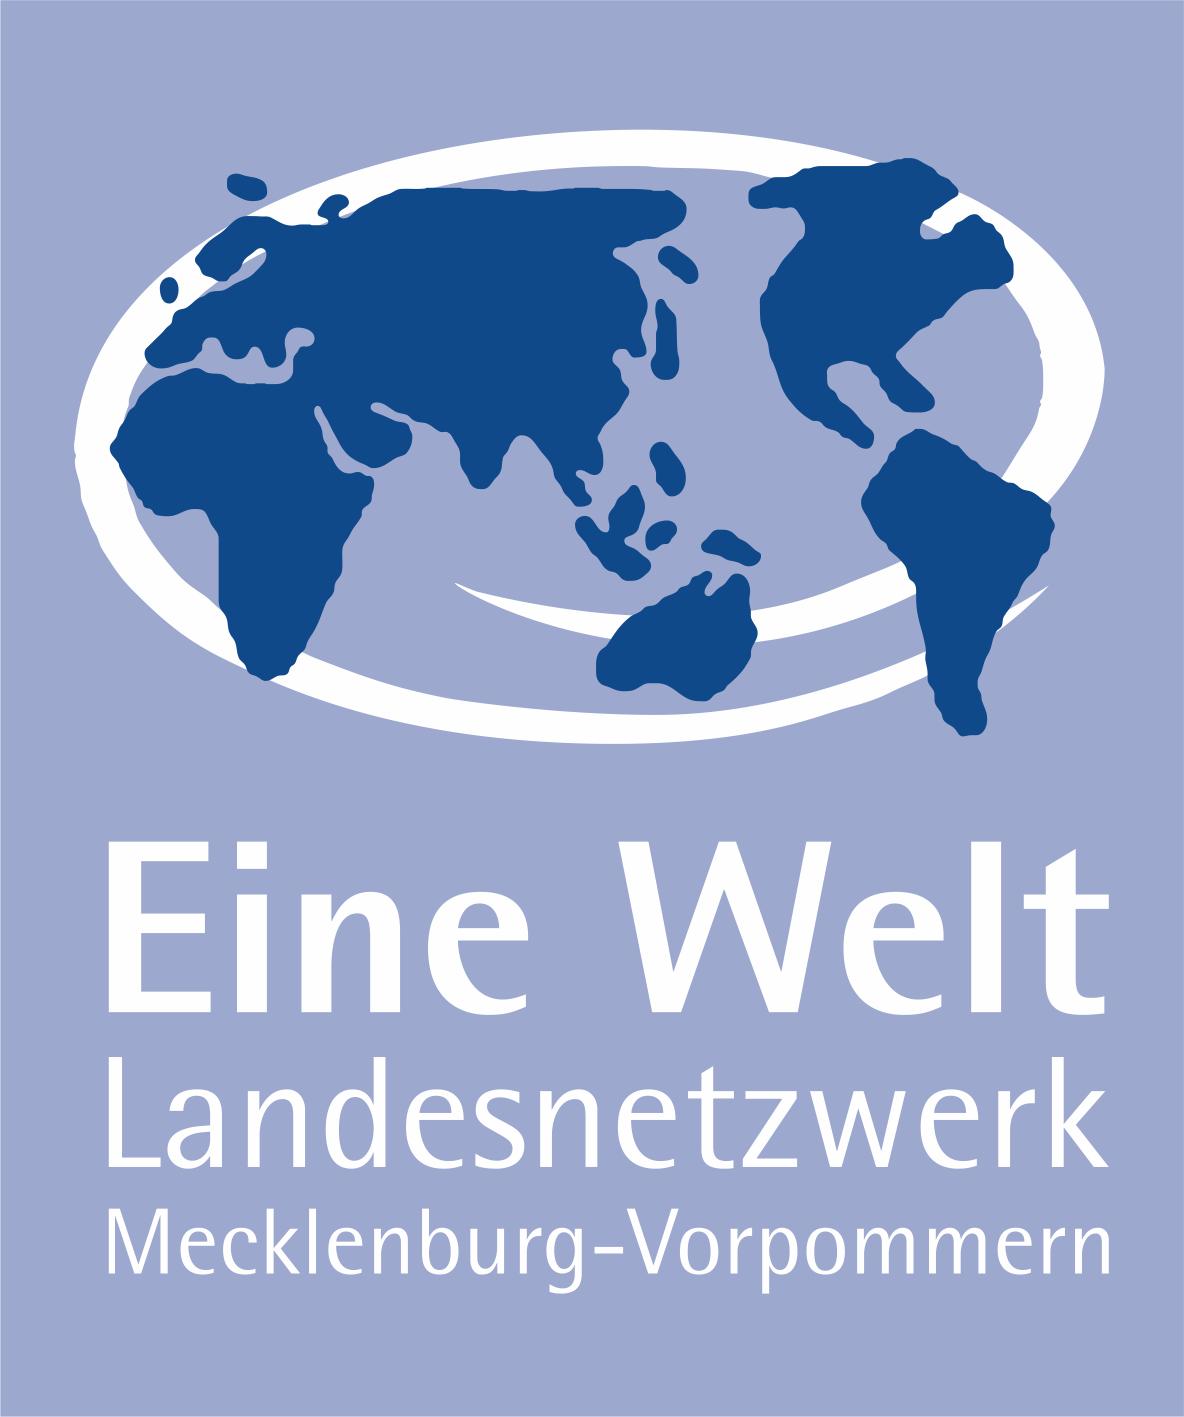 Eine-Welt-Landesnetzwerk M-V e.V.